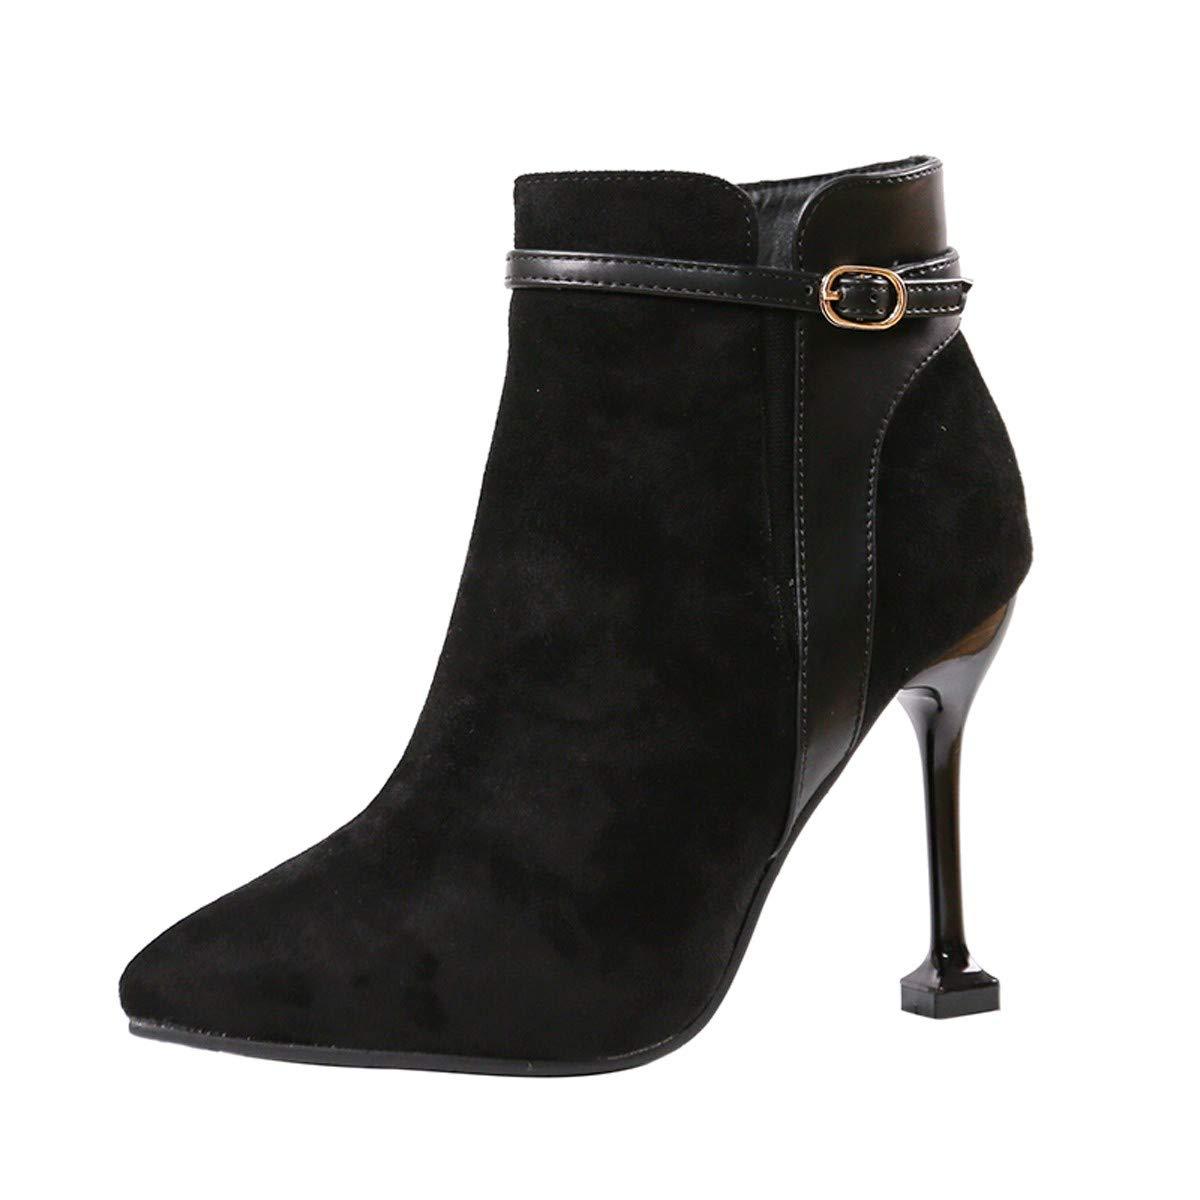 LBTSQ-Fashion Tops Wildleder Heften Spitze Stiletto Heels 10Cm Gürtelschnallen Reißverschlüsse Stiefel Nackt-Stiefel